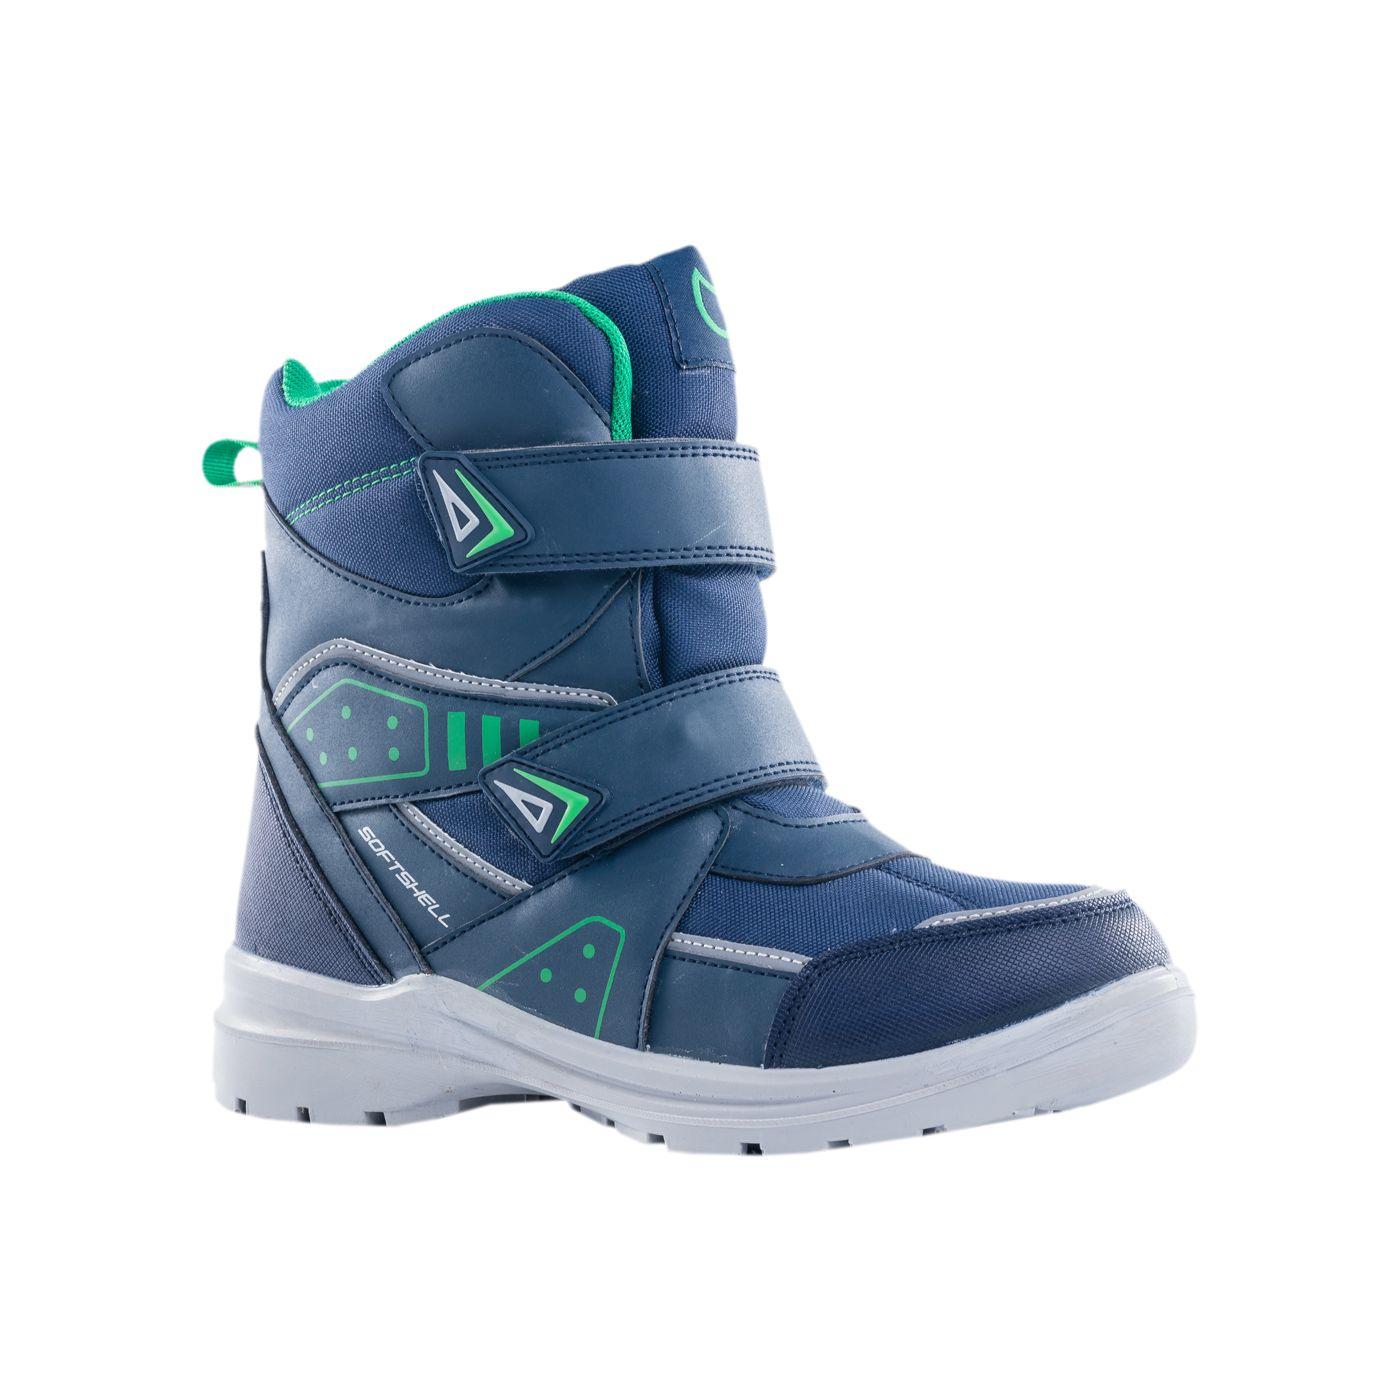 Мембранная обувь для мальчиков Котофей, 39 р-р